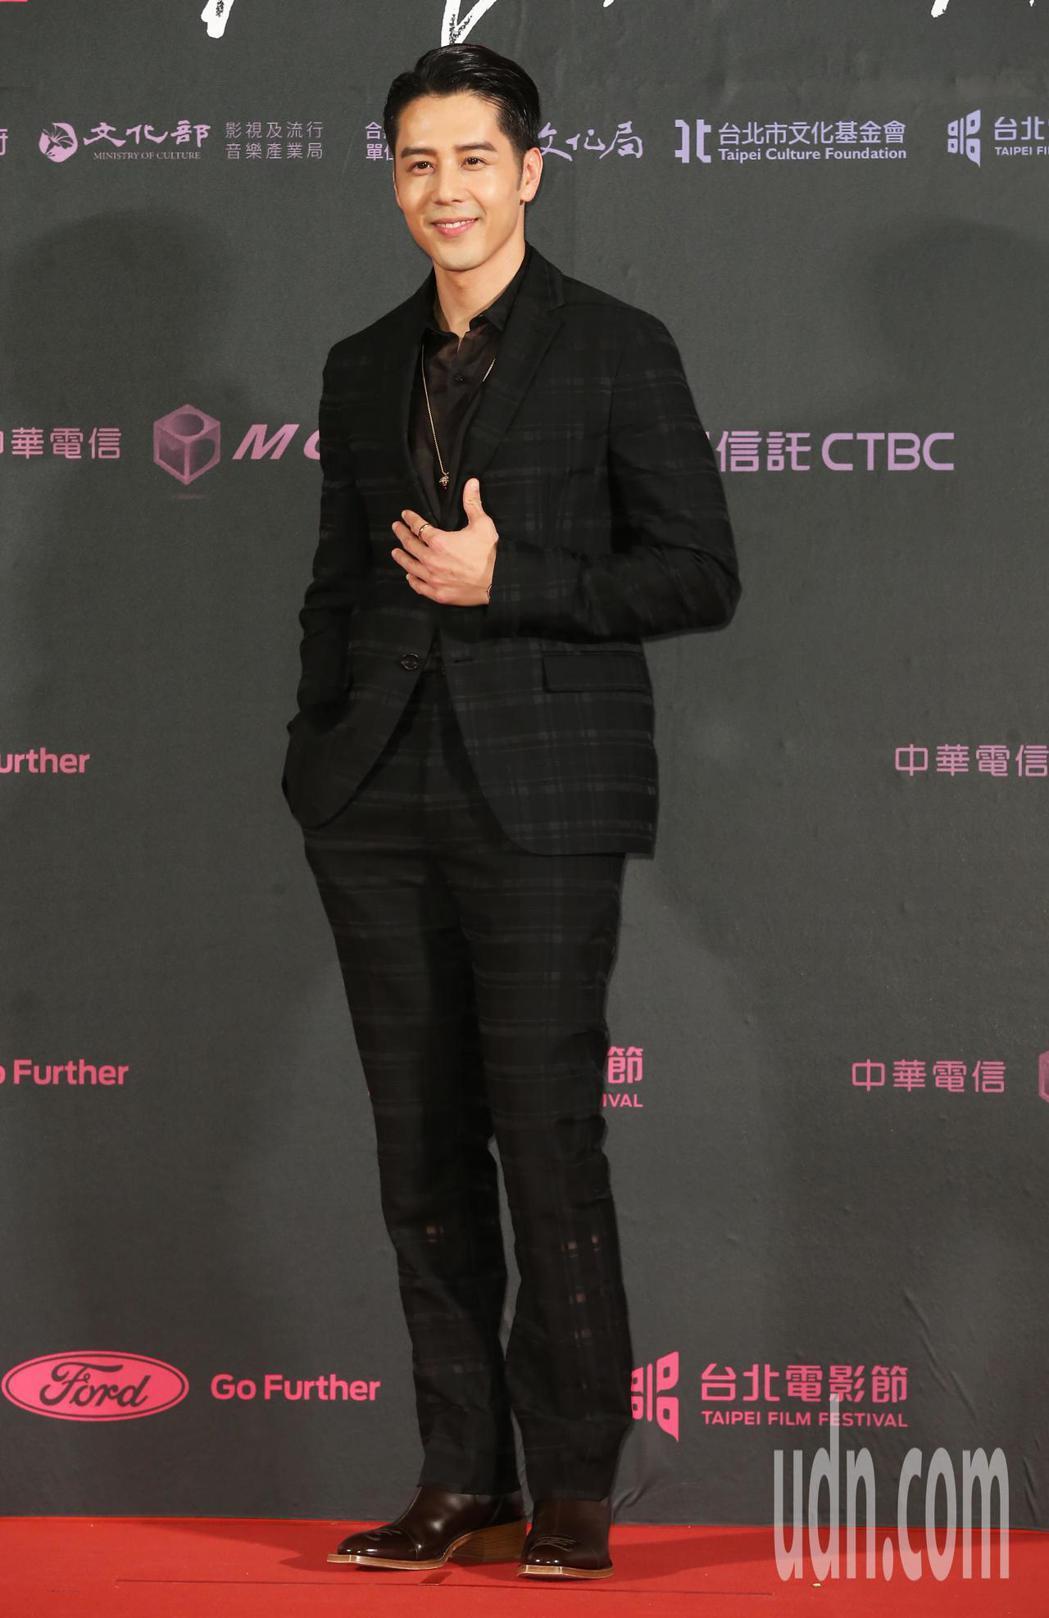 胡宇威擔任2019台北電影節獎頒獎人。記者徐兆玄/攝影